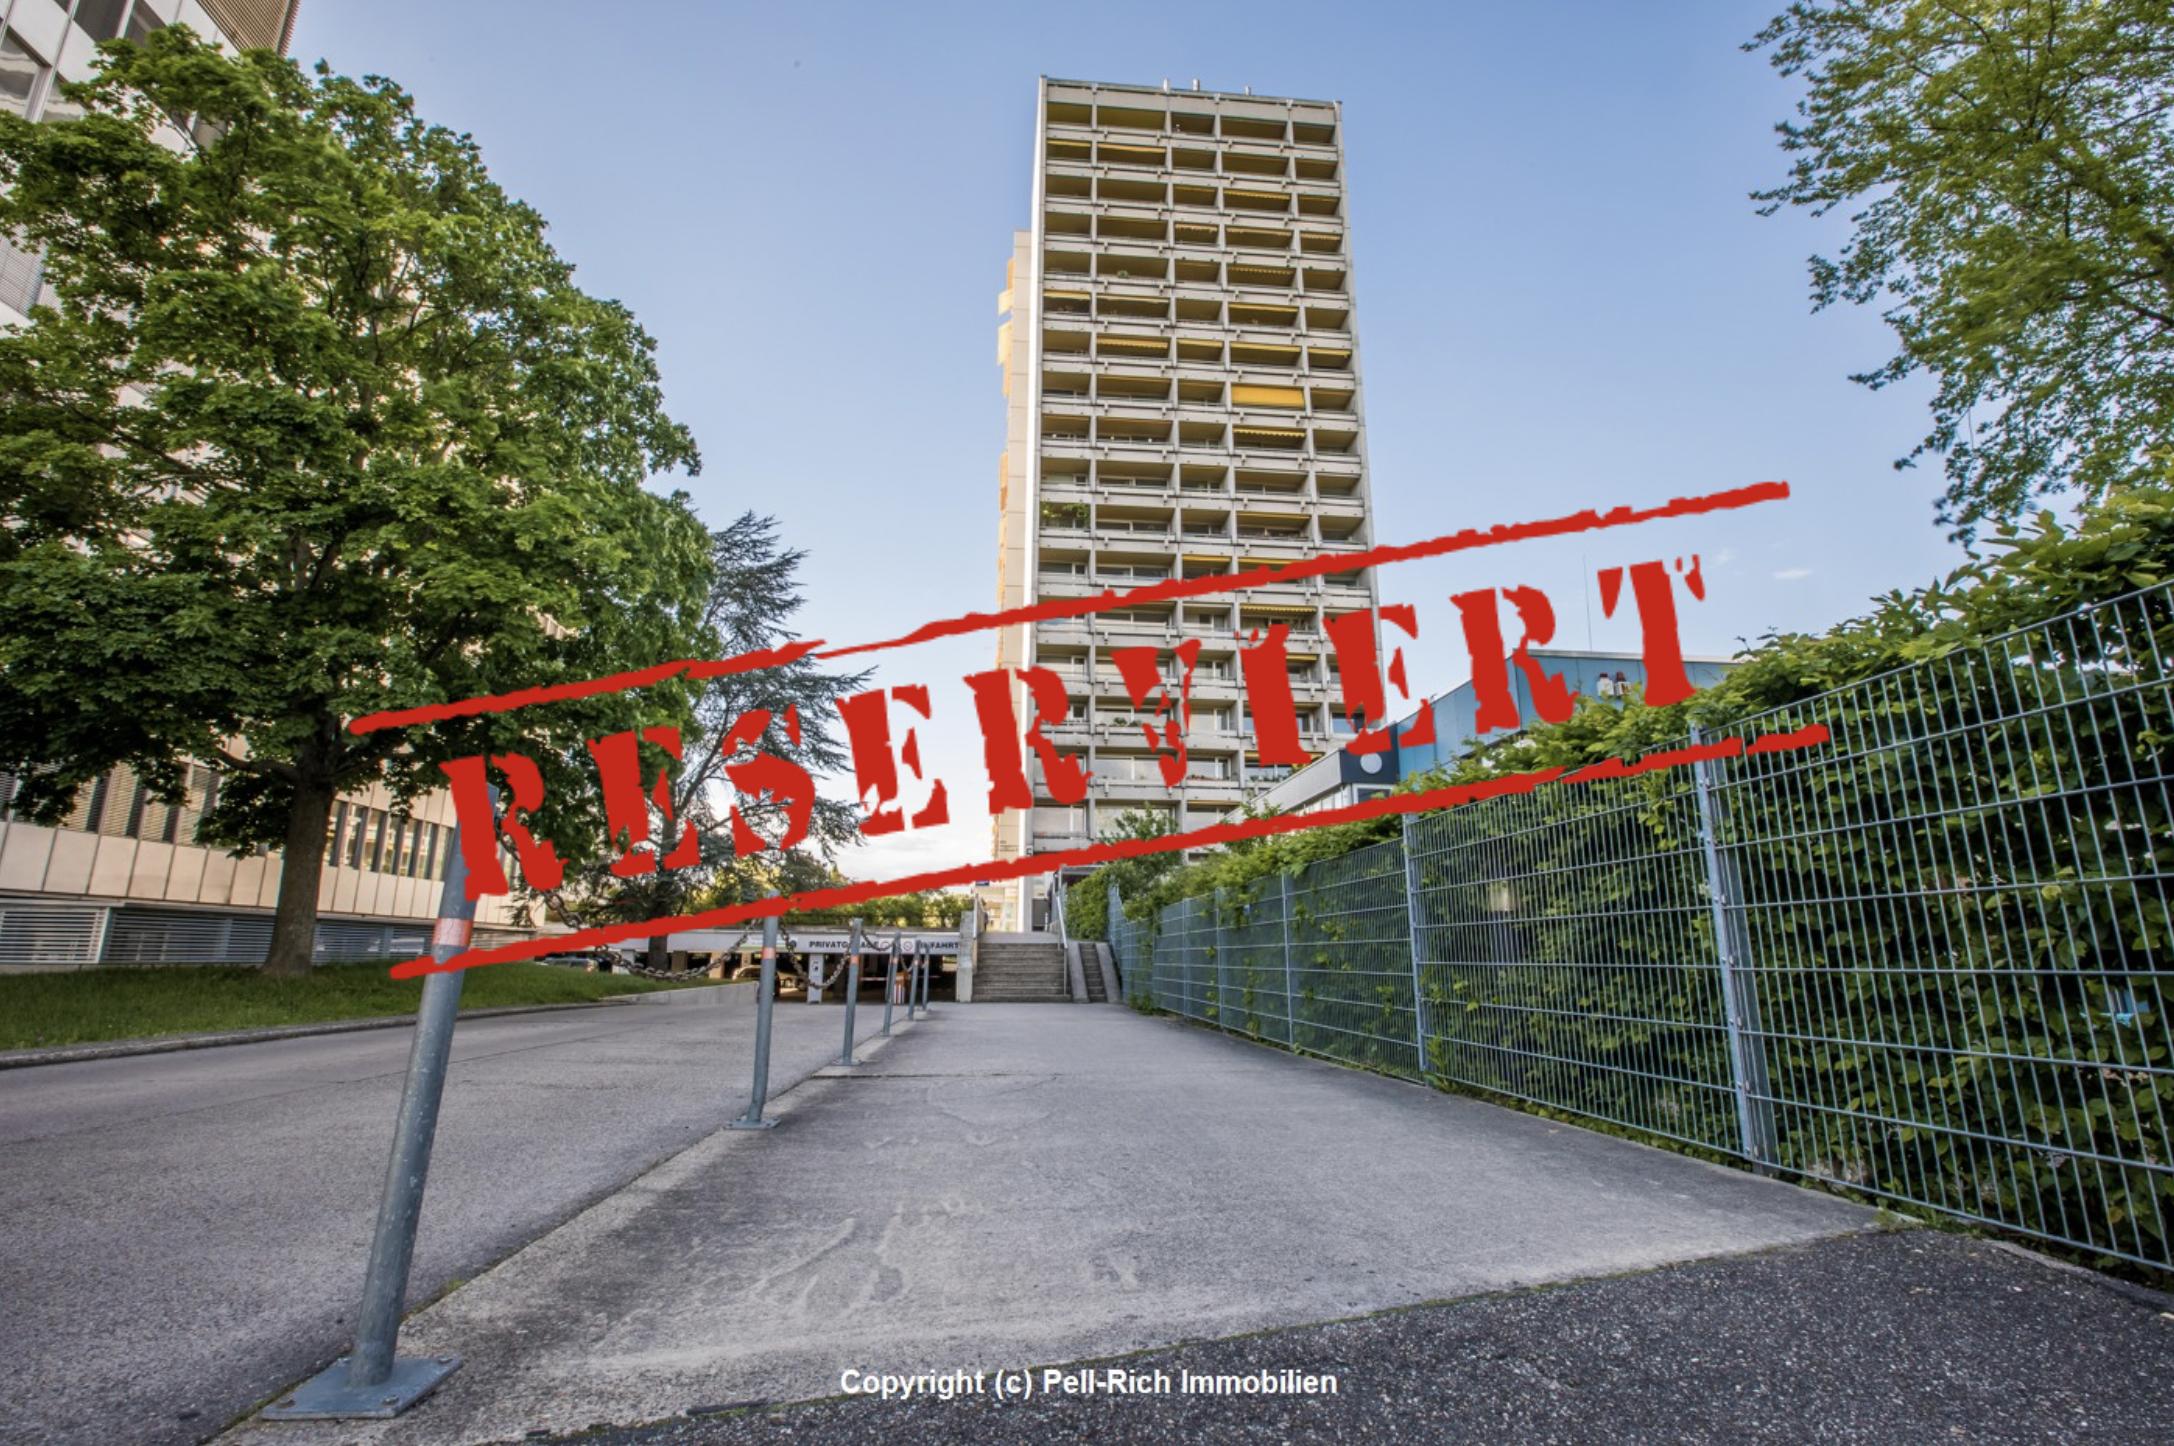 -derzeit reserviert- BLICKFANG – Vermietete und gepflegte Wohnung mit Weitblick in KA-Rüppurr!